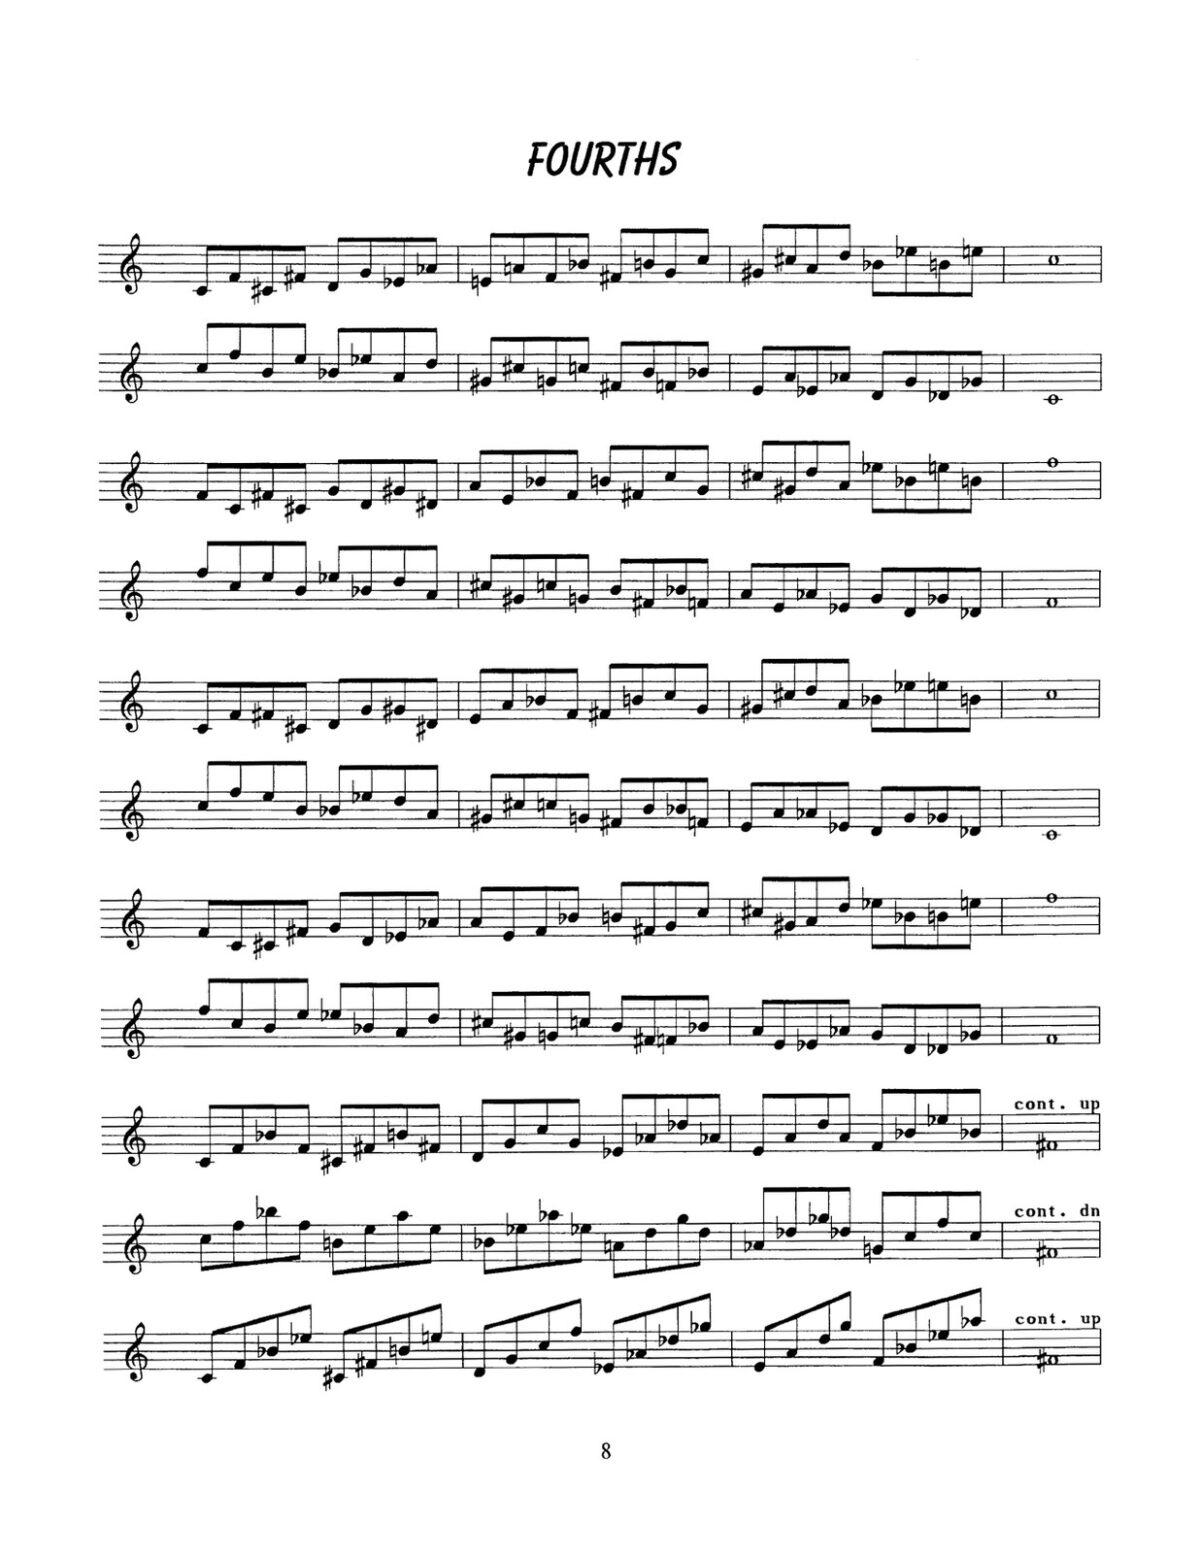 D'Aveni, Jazz Trumpet Technique Vol.1 Flexibility-p10